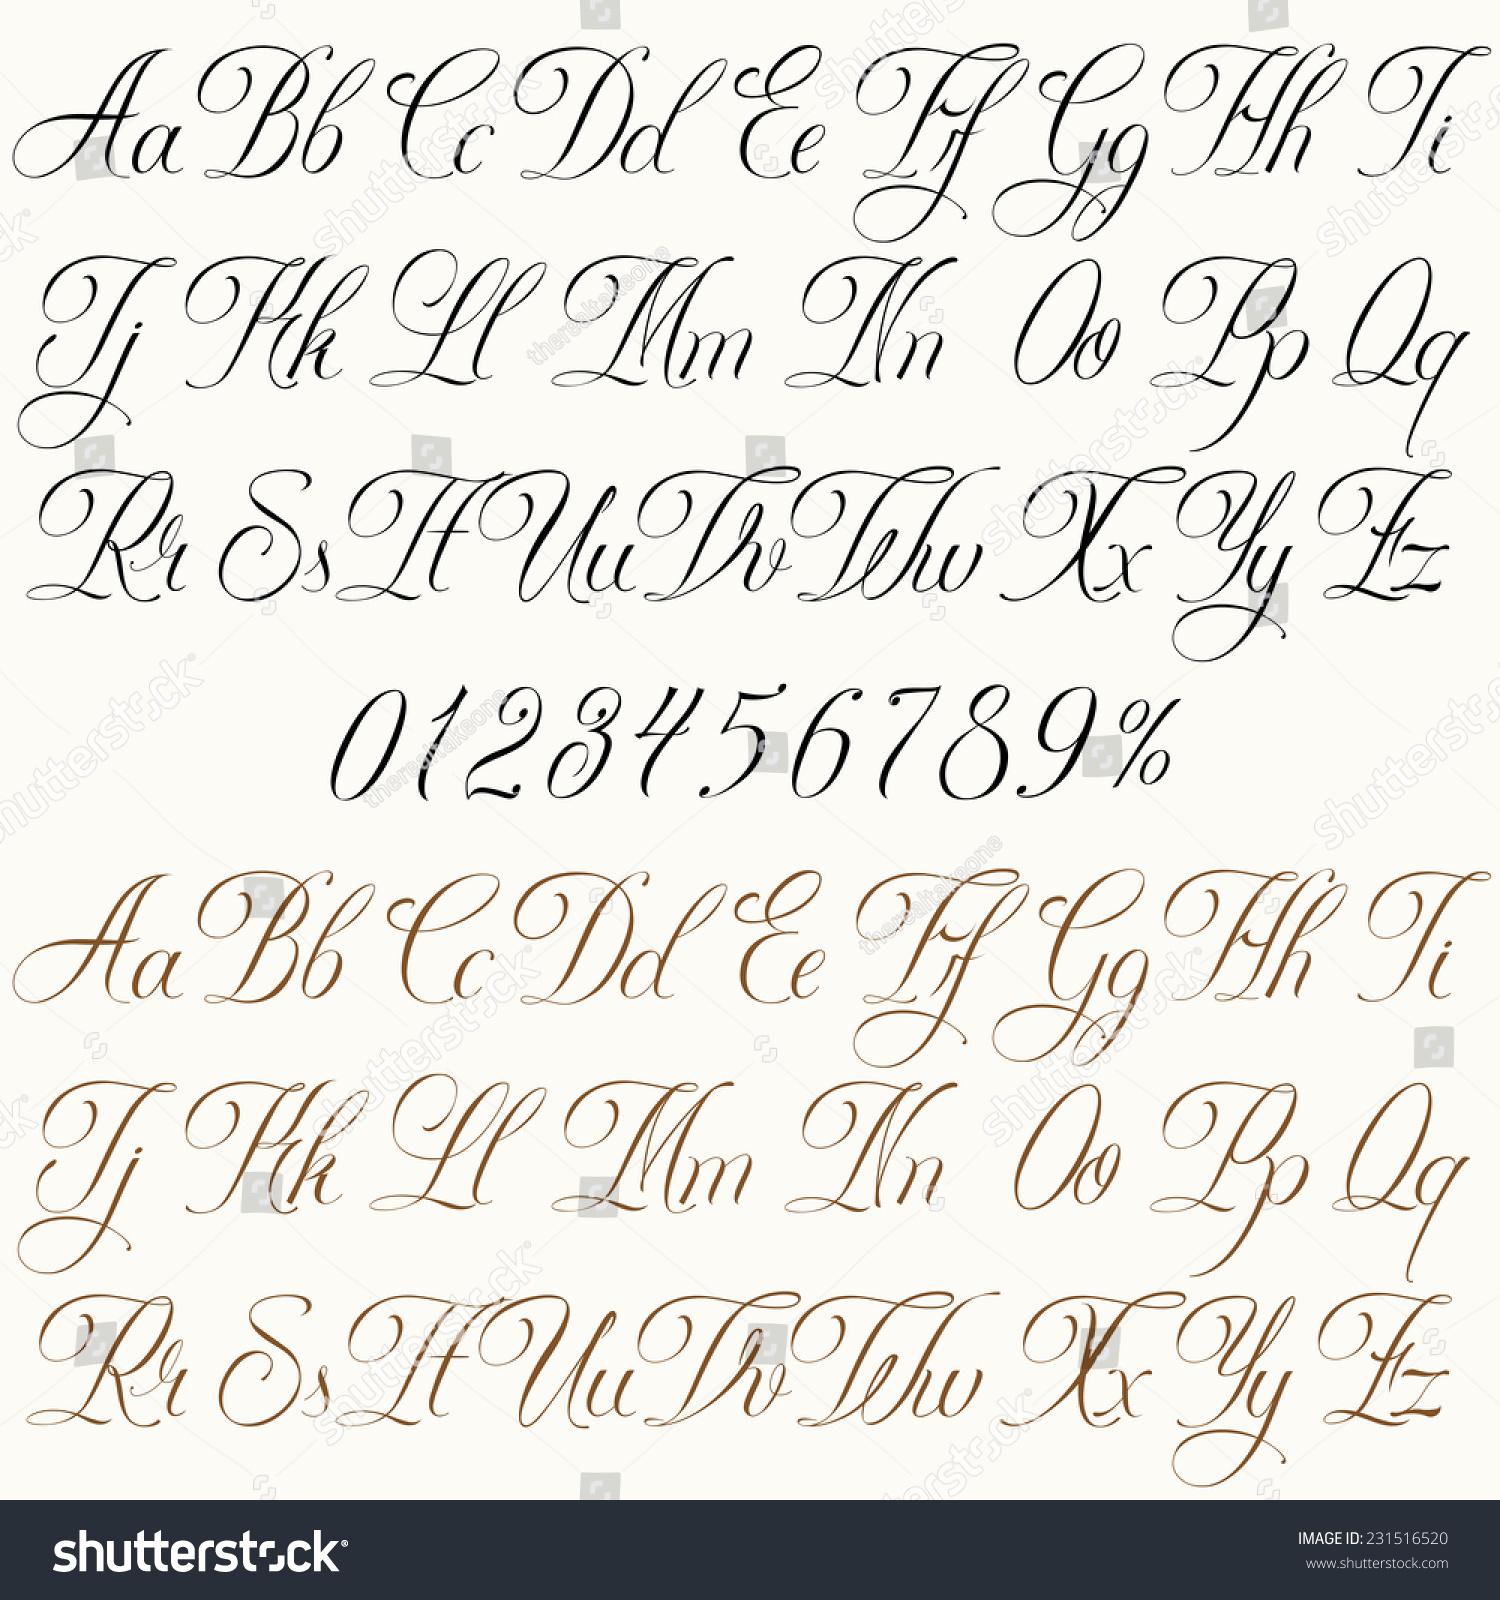 Handmade Vector Calligraphy Tattoo Alphabet Numbers Stock Vector 231516520 - Shutterstock